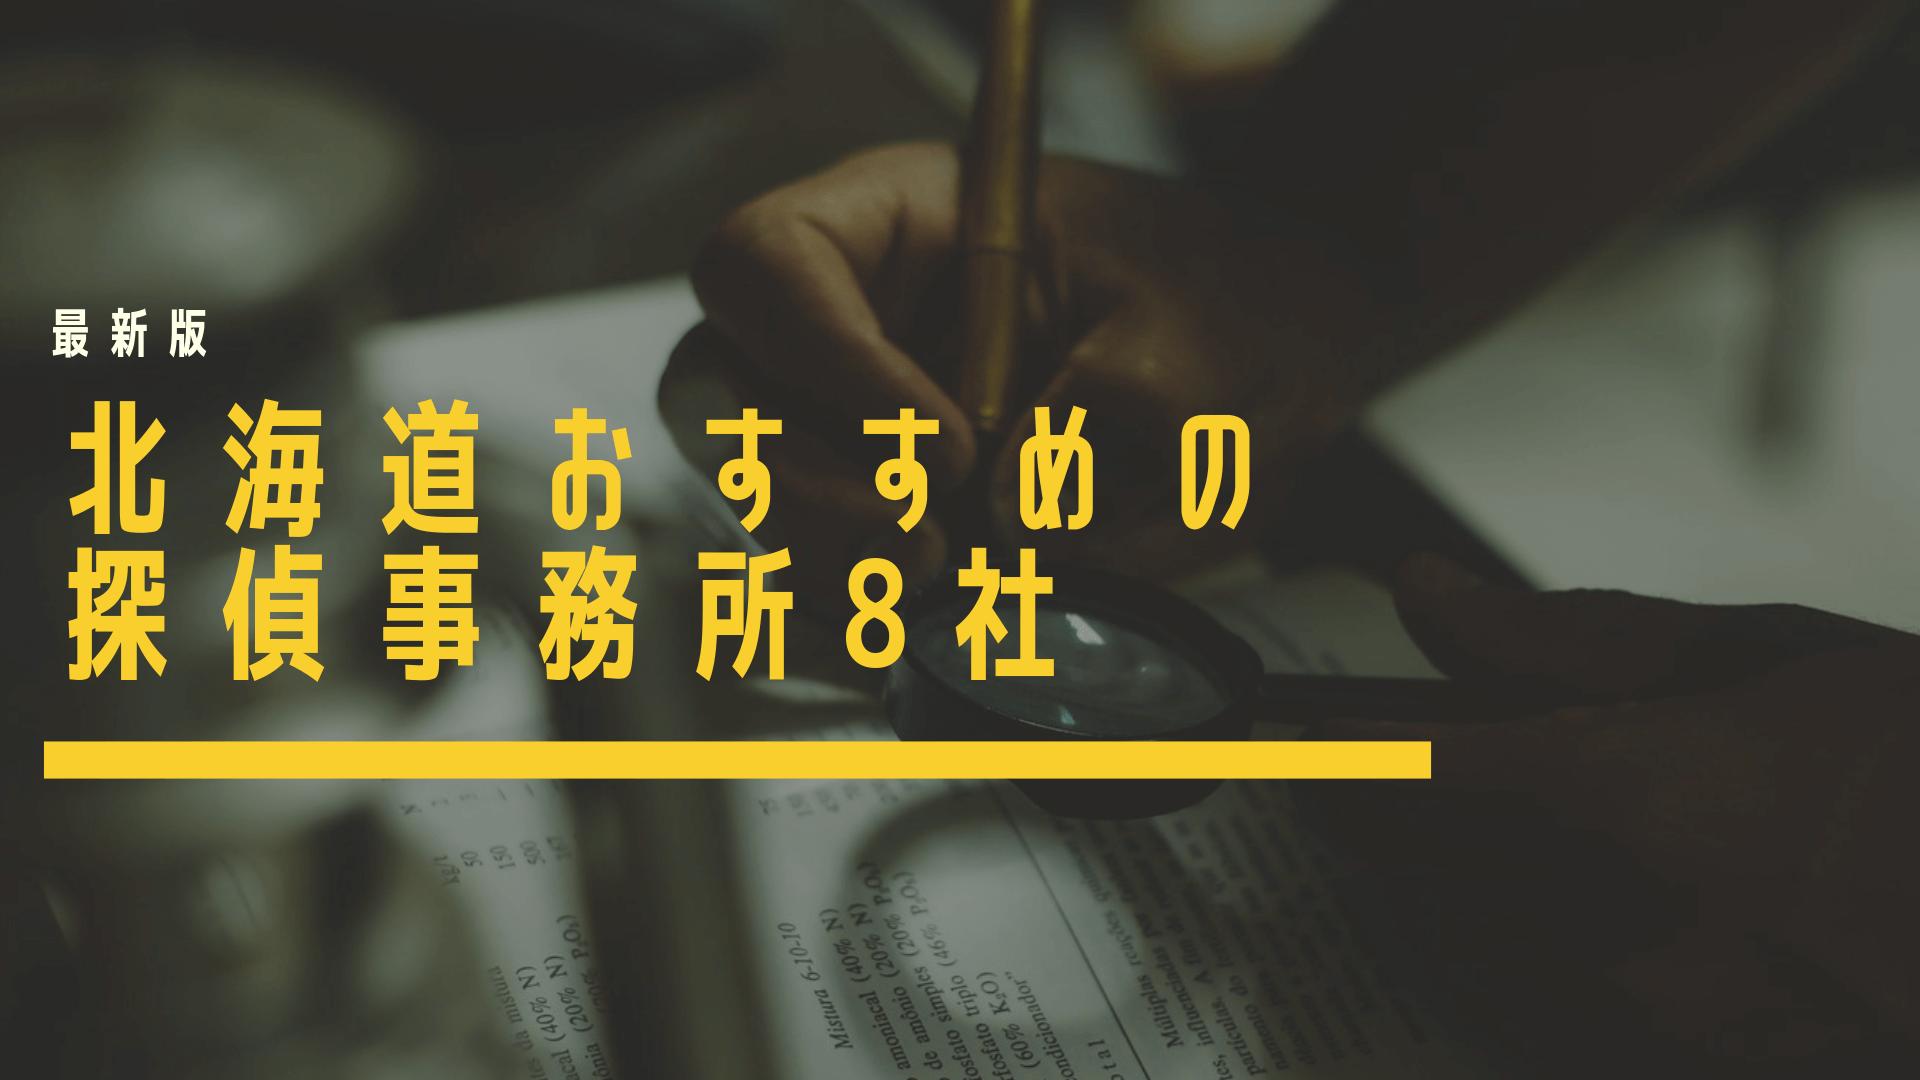 北海道でおすすめの探偵事務所・興信所8社を徹底比較